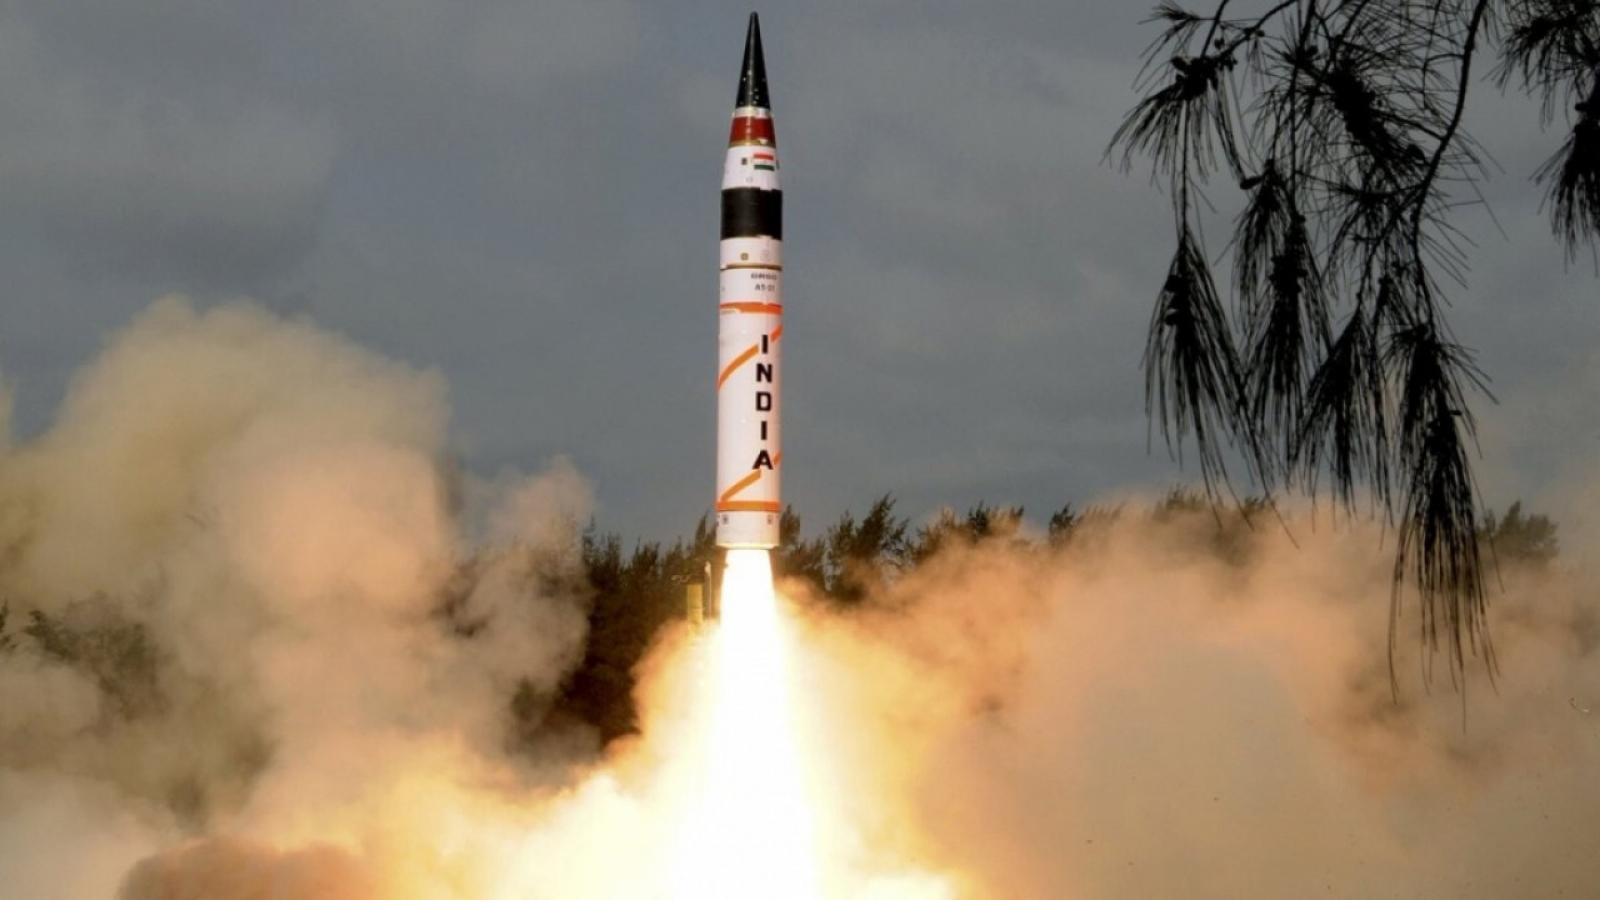 Ấn Độ thử tên lửa đạn đạo Agni-5 giữa lúc căng thẳng với Trung Quốc